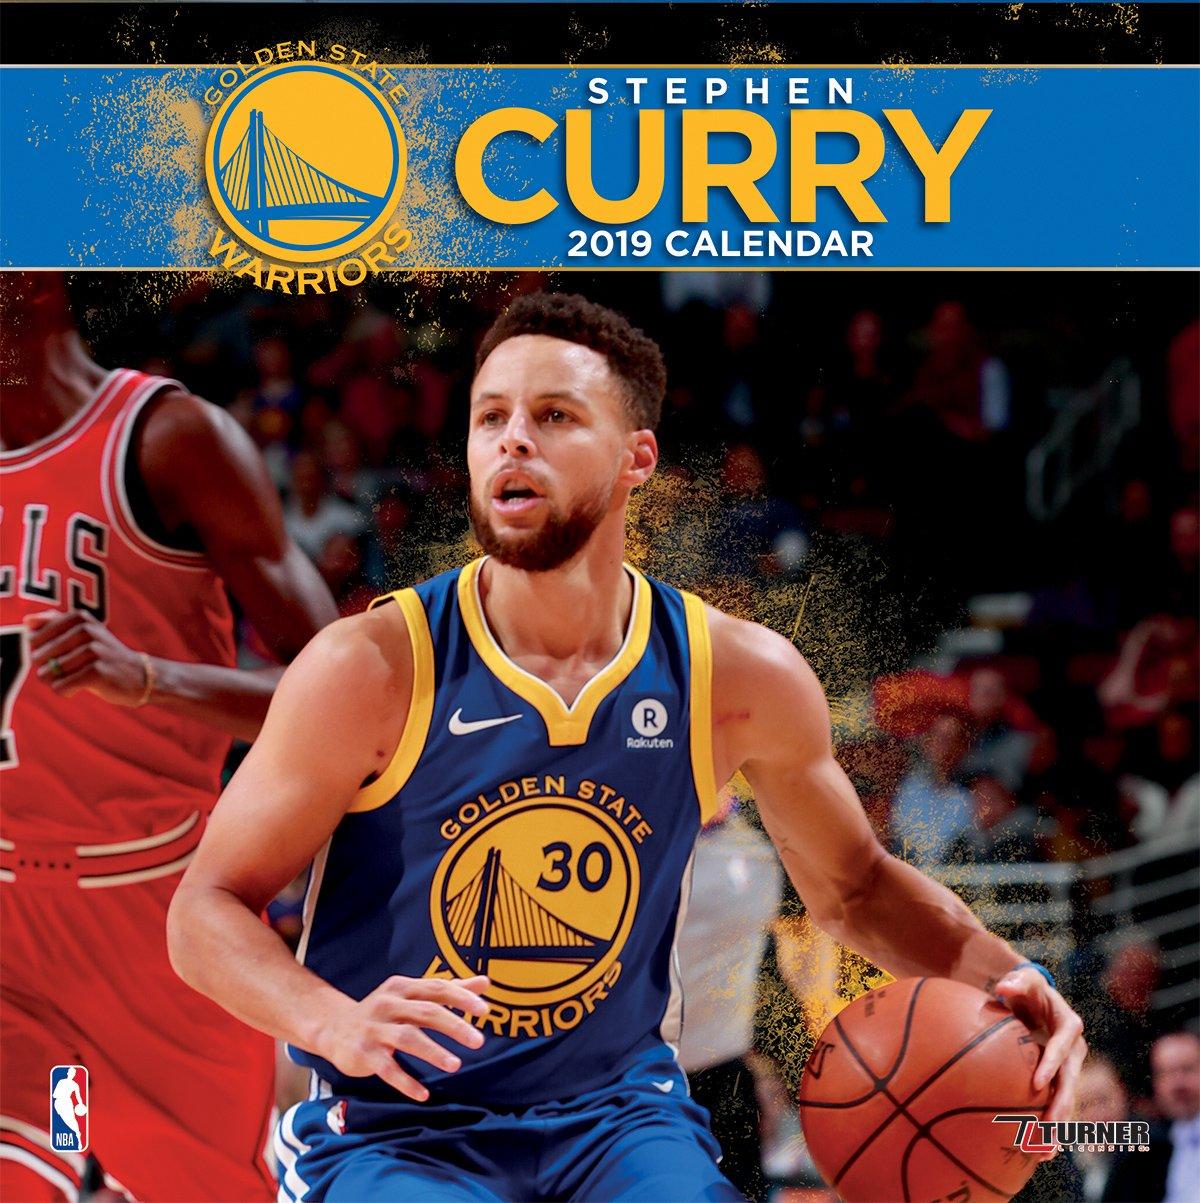 Turner 1 Sport Golden State Warriors Stephen Curry 2019 12X12 Player Wall Calendar Office Wall Calendar (19998011984)